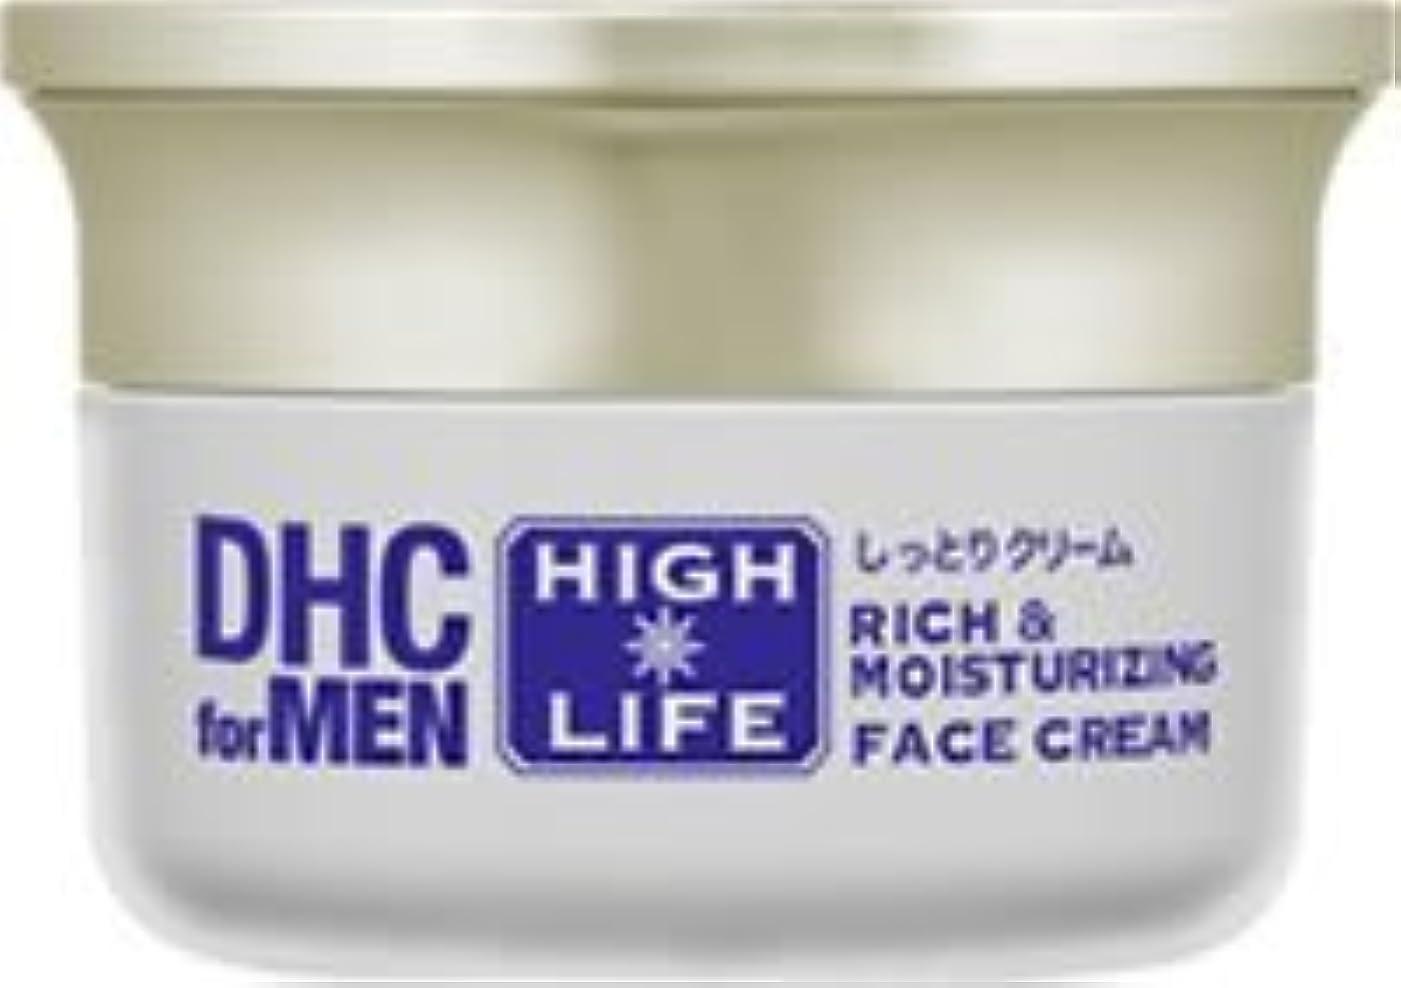 マージン税金ことわざDHCリッチ&モイスチュア フェースクリーム【DHC for MEN ハイライフ】